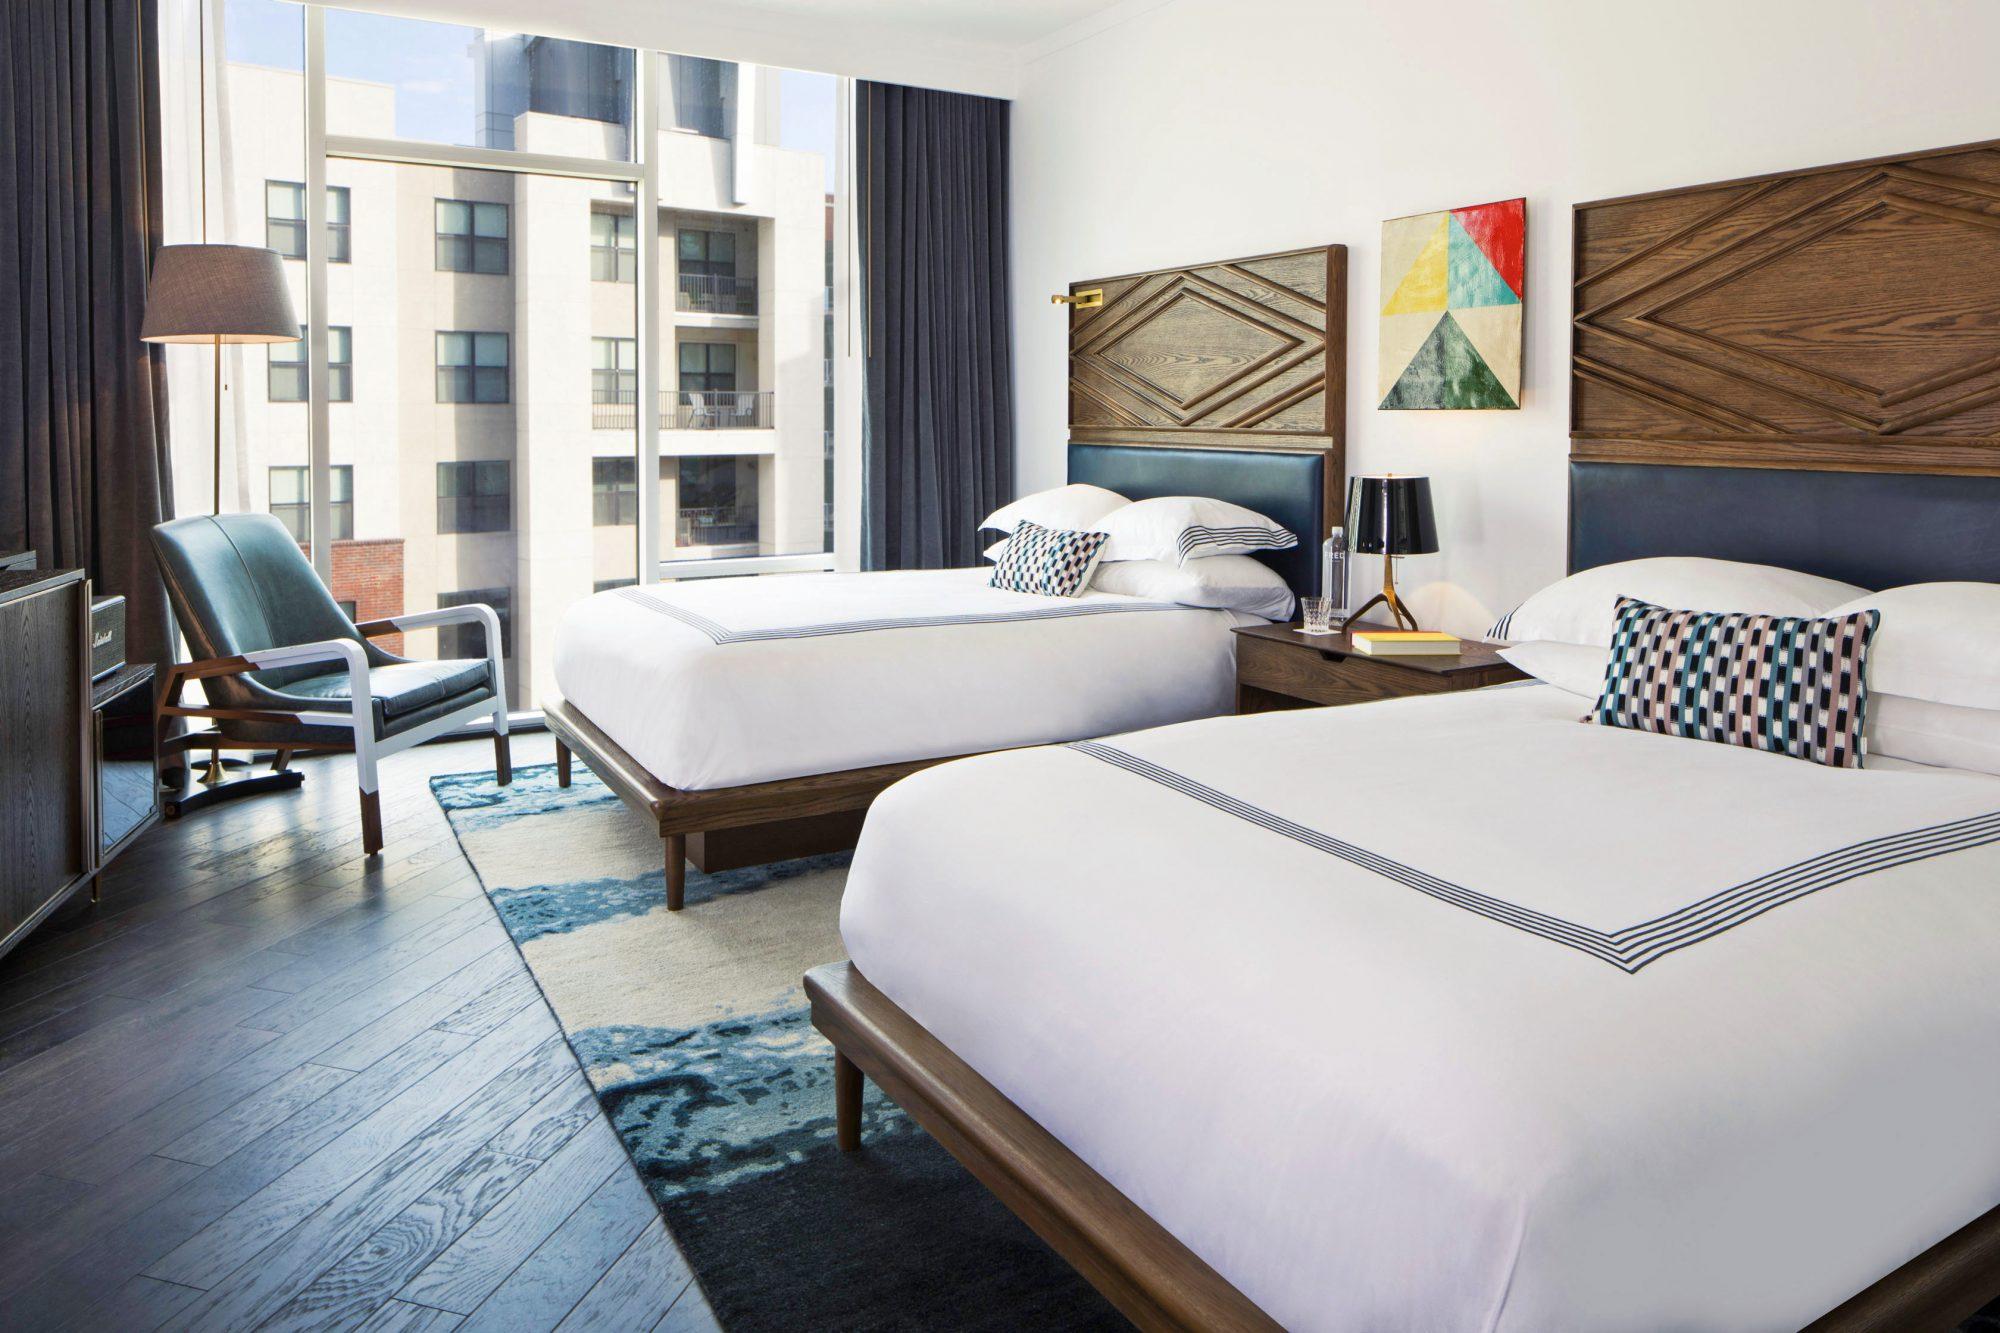 thompson hotel room